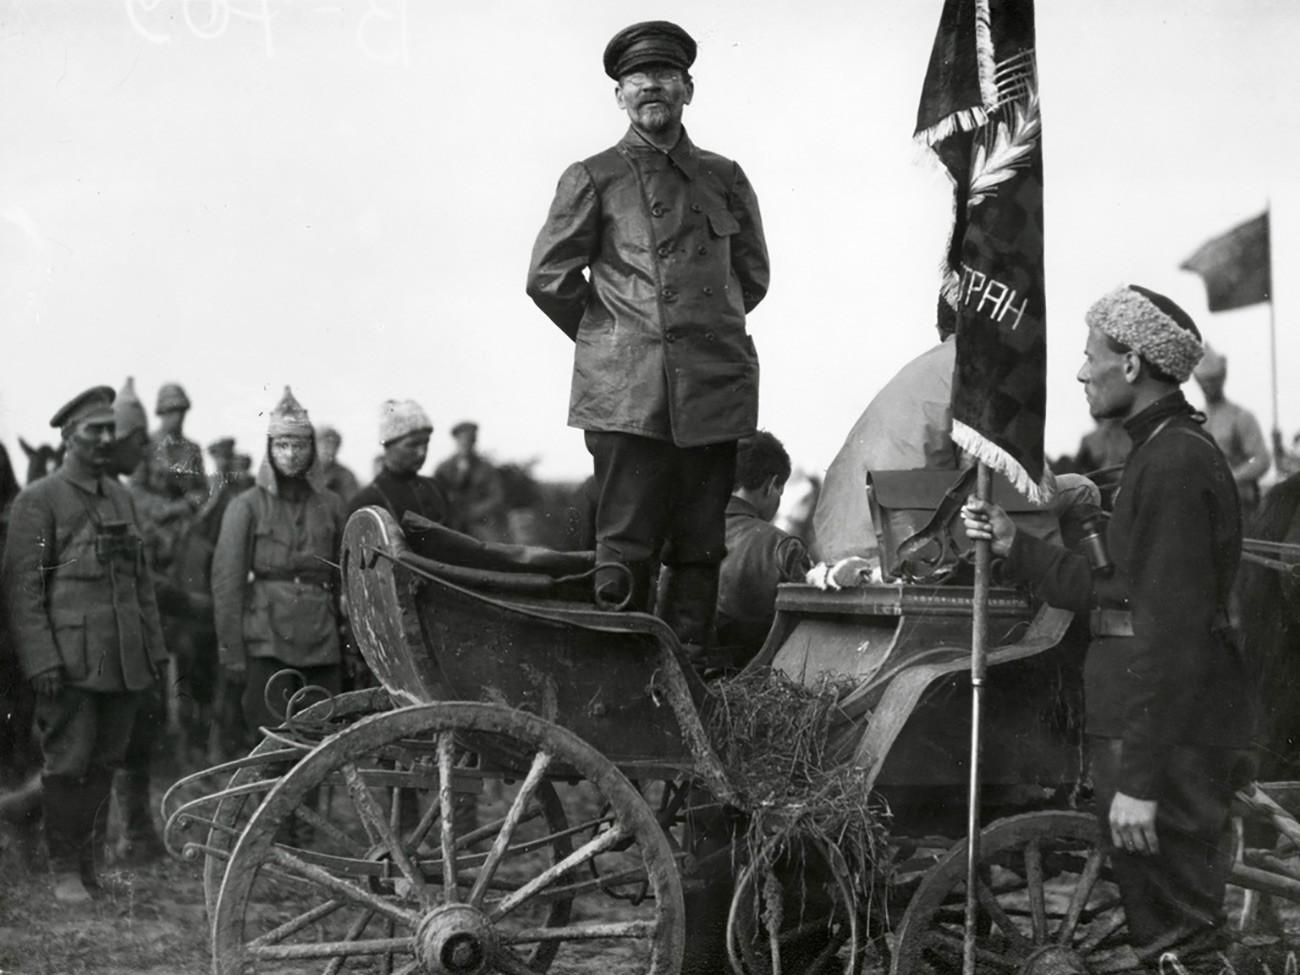 Михаил Иванович Калинин држи говор. Тој во текот на граѓанската војна ја водел пропагандата на фронтовите каде држел говори во единиците на Црвената армија и пред мештаните.